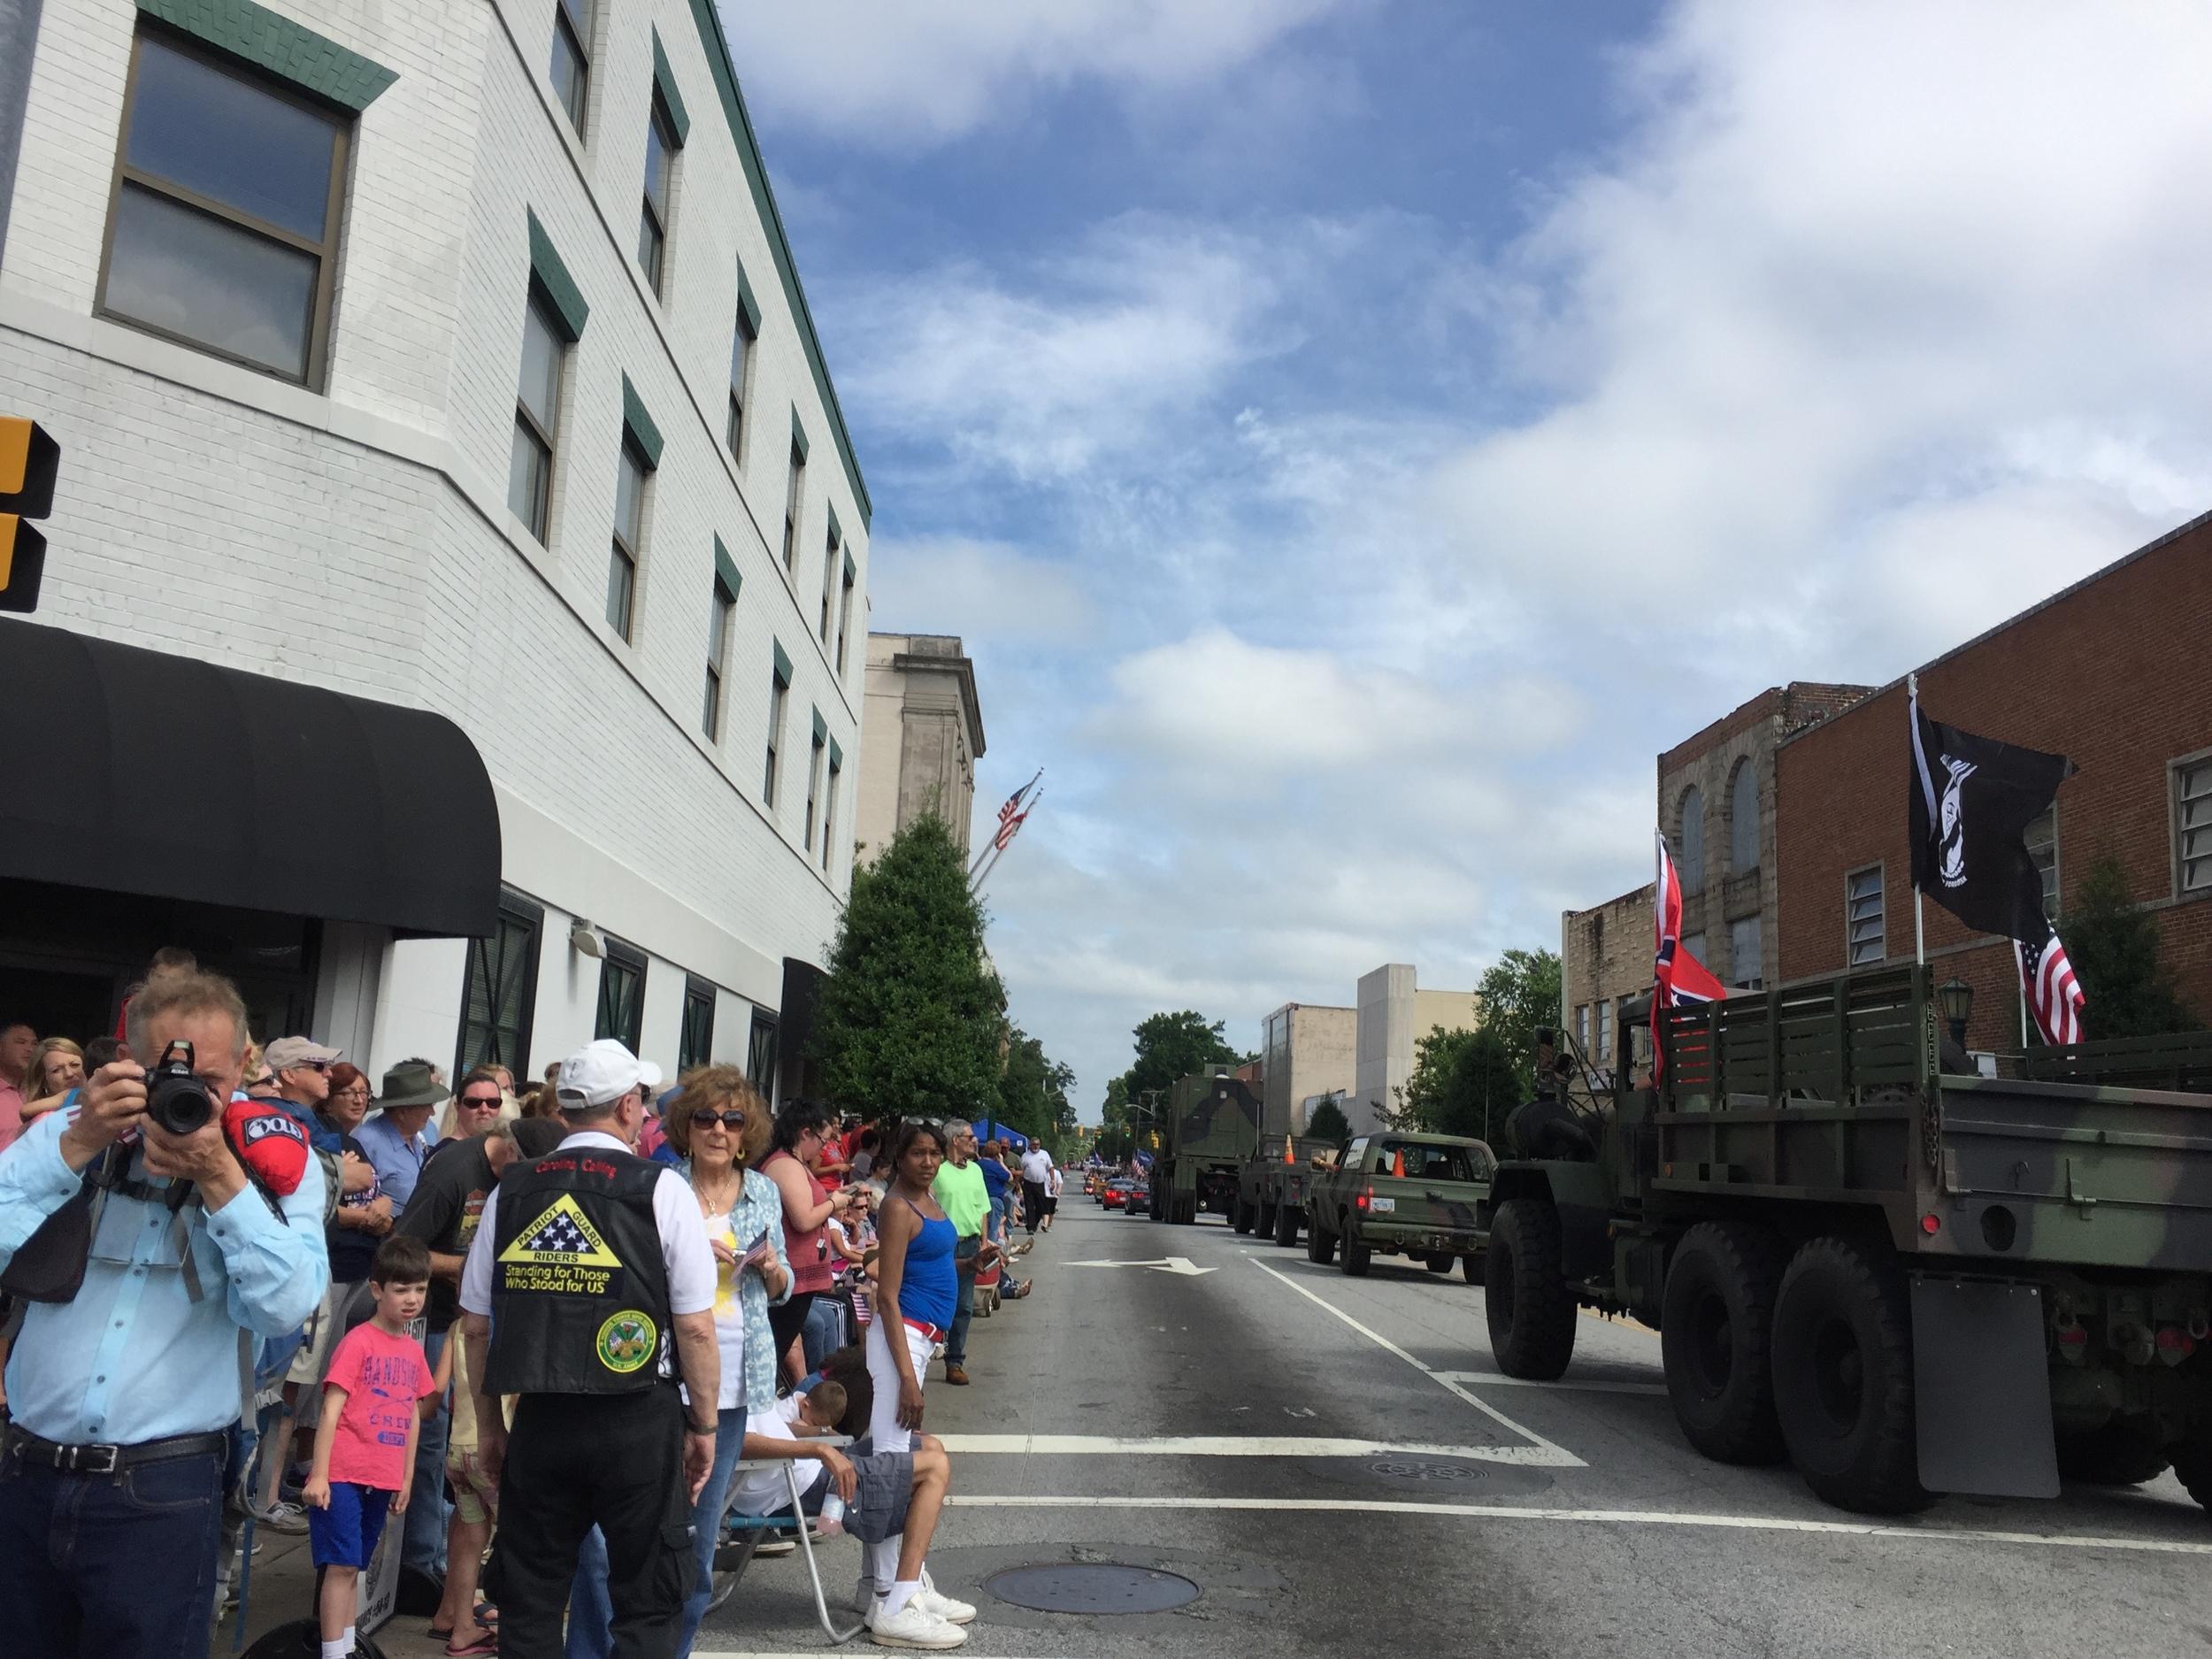 At Thomasville Memorial Day Parade, May 30, 2016.